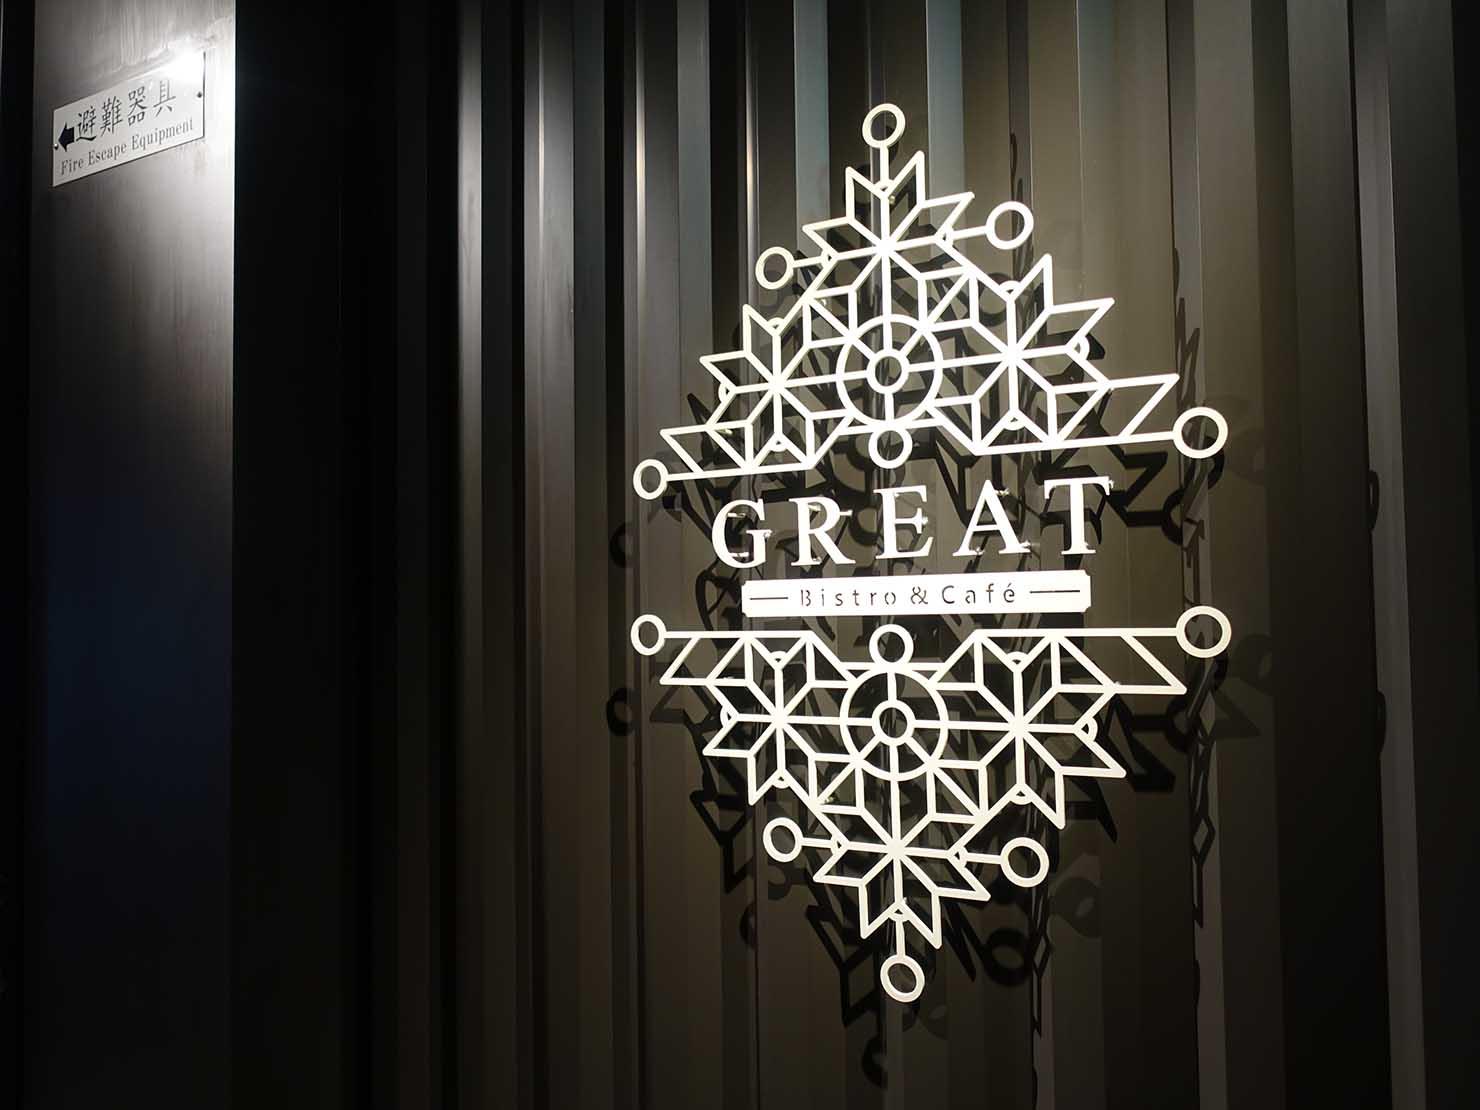 高雄市内観光におすすめのホテル「GREET INN 喜迎旅店」2Fレストランのエントランス